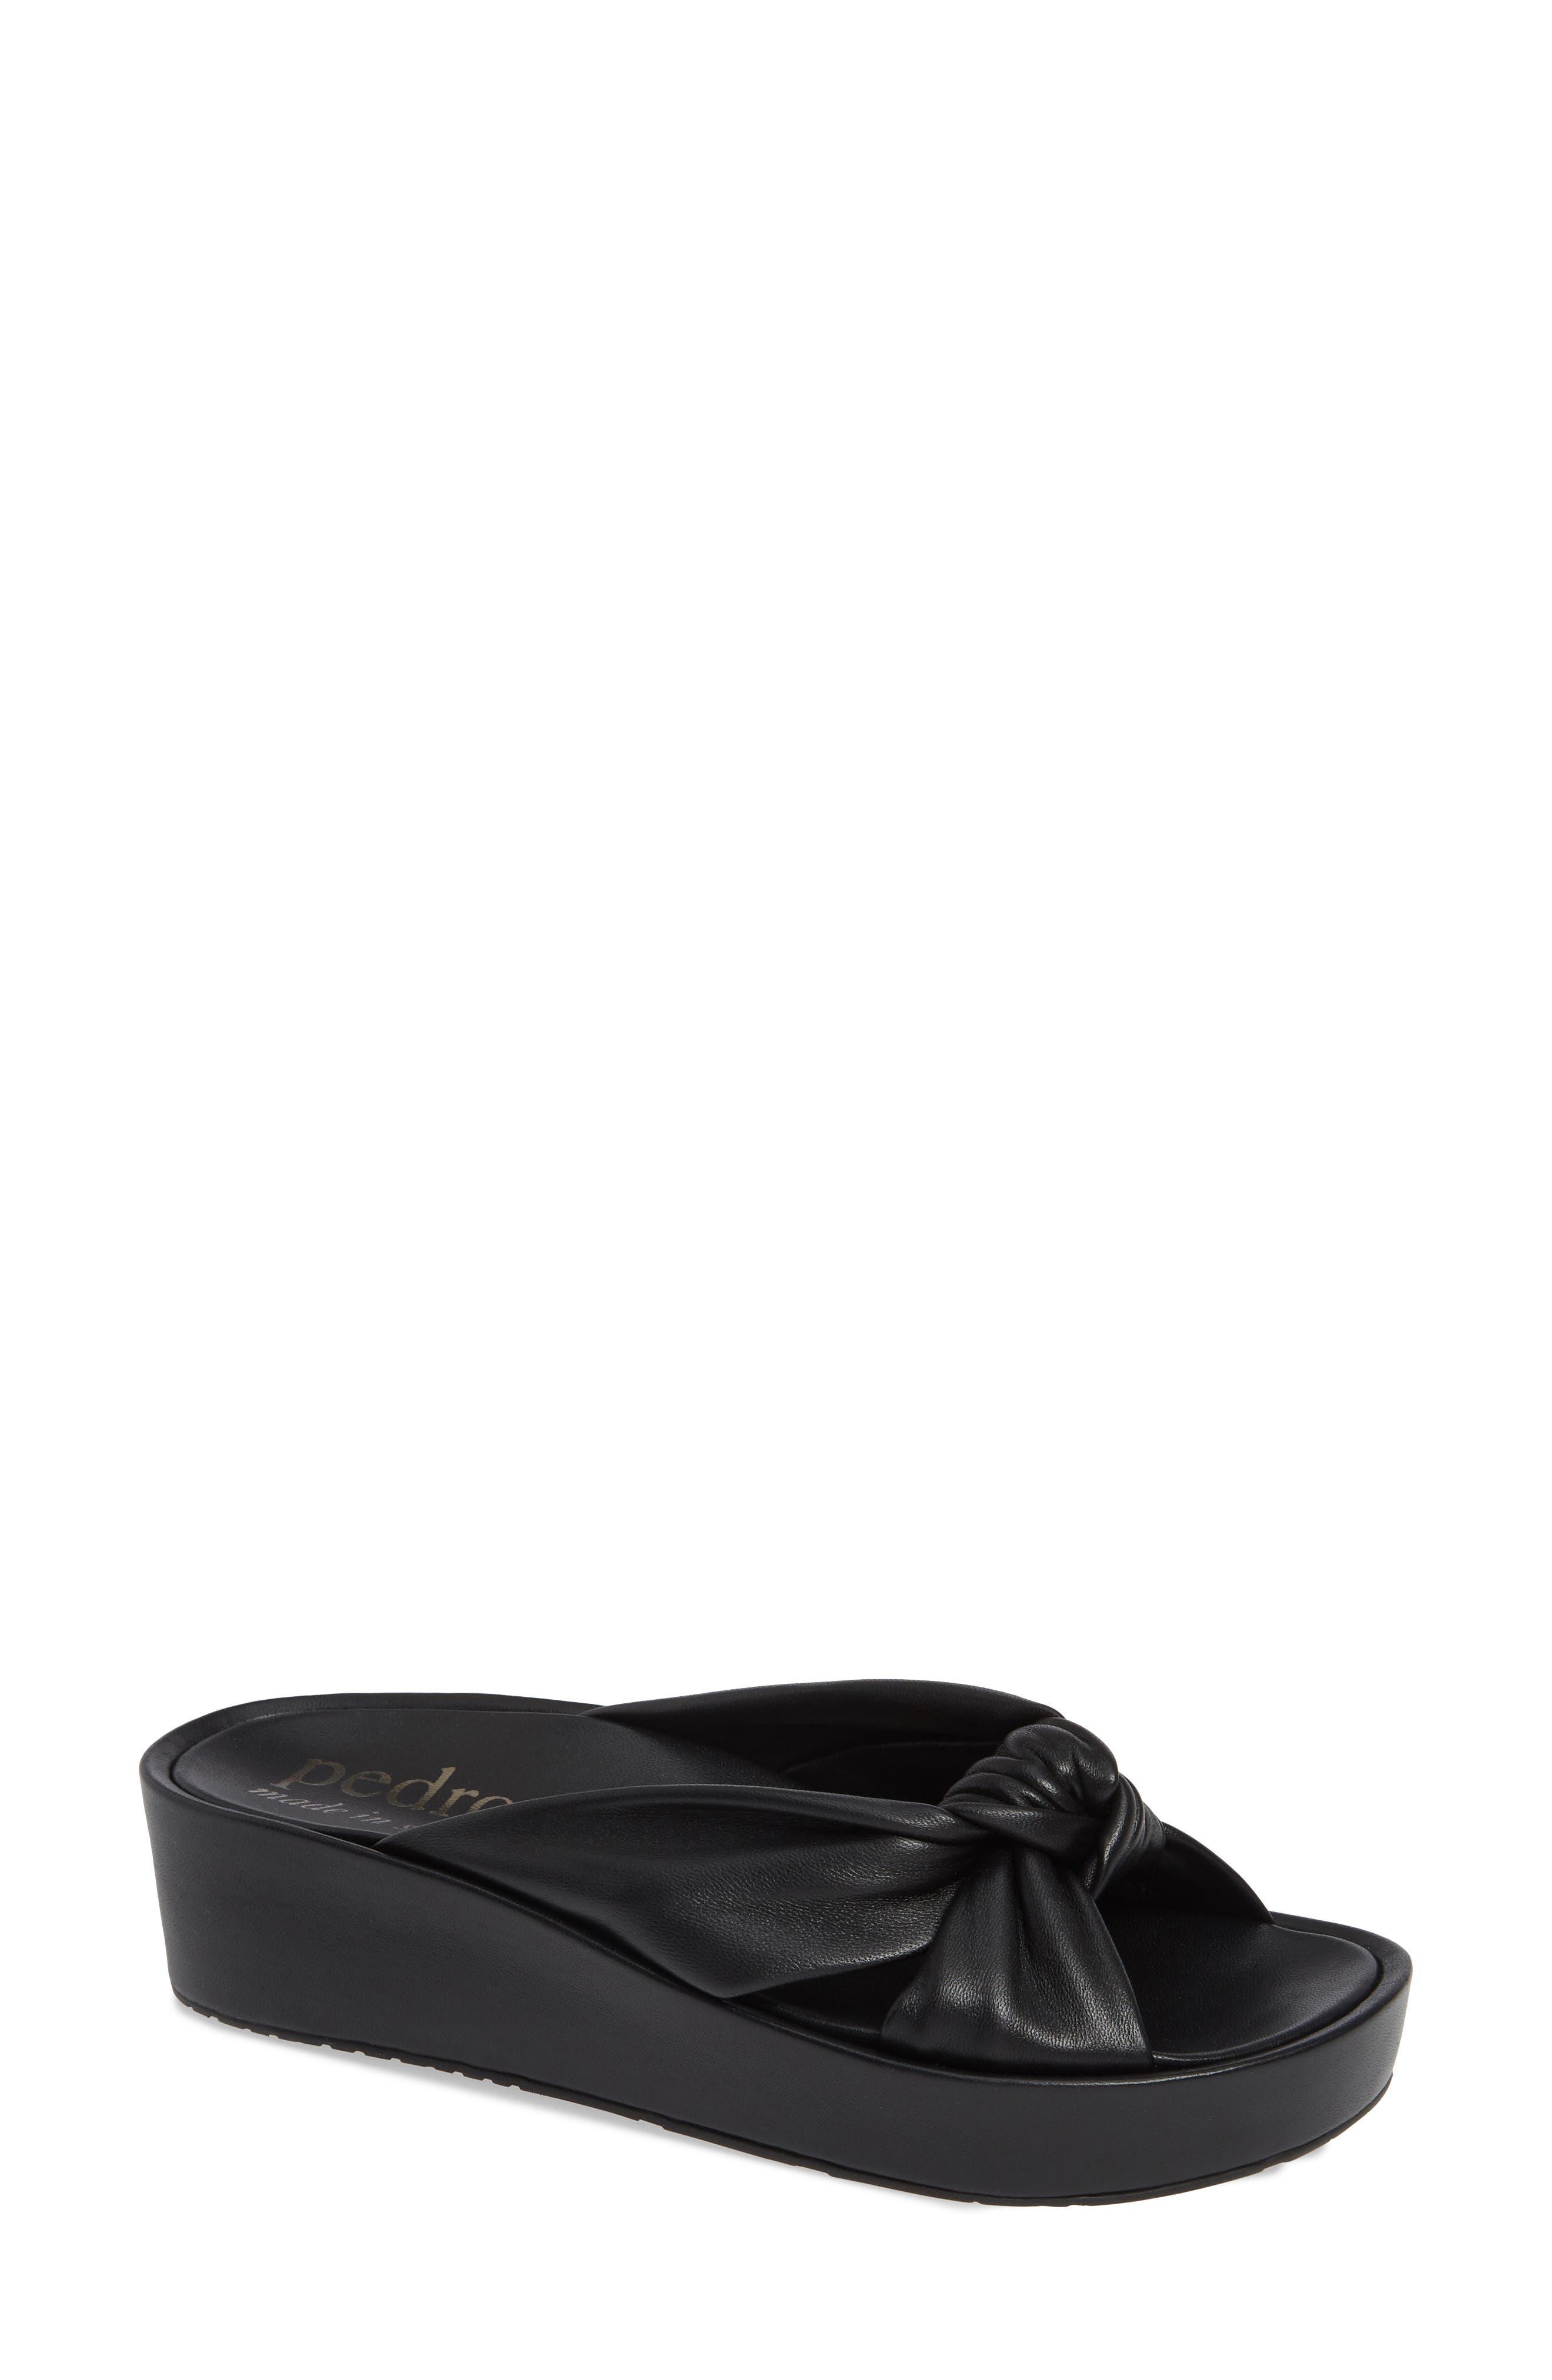 PEDRO GARCIA Lany Platform Slide Sandal, Main, color, BLACK LEATHER